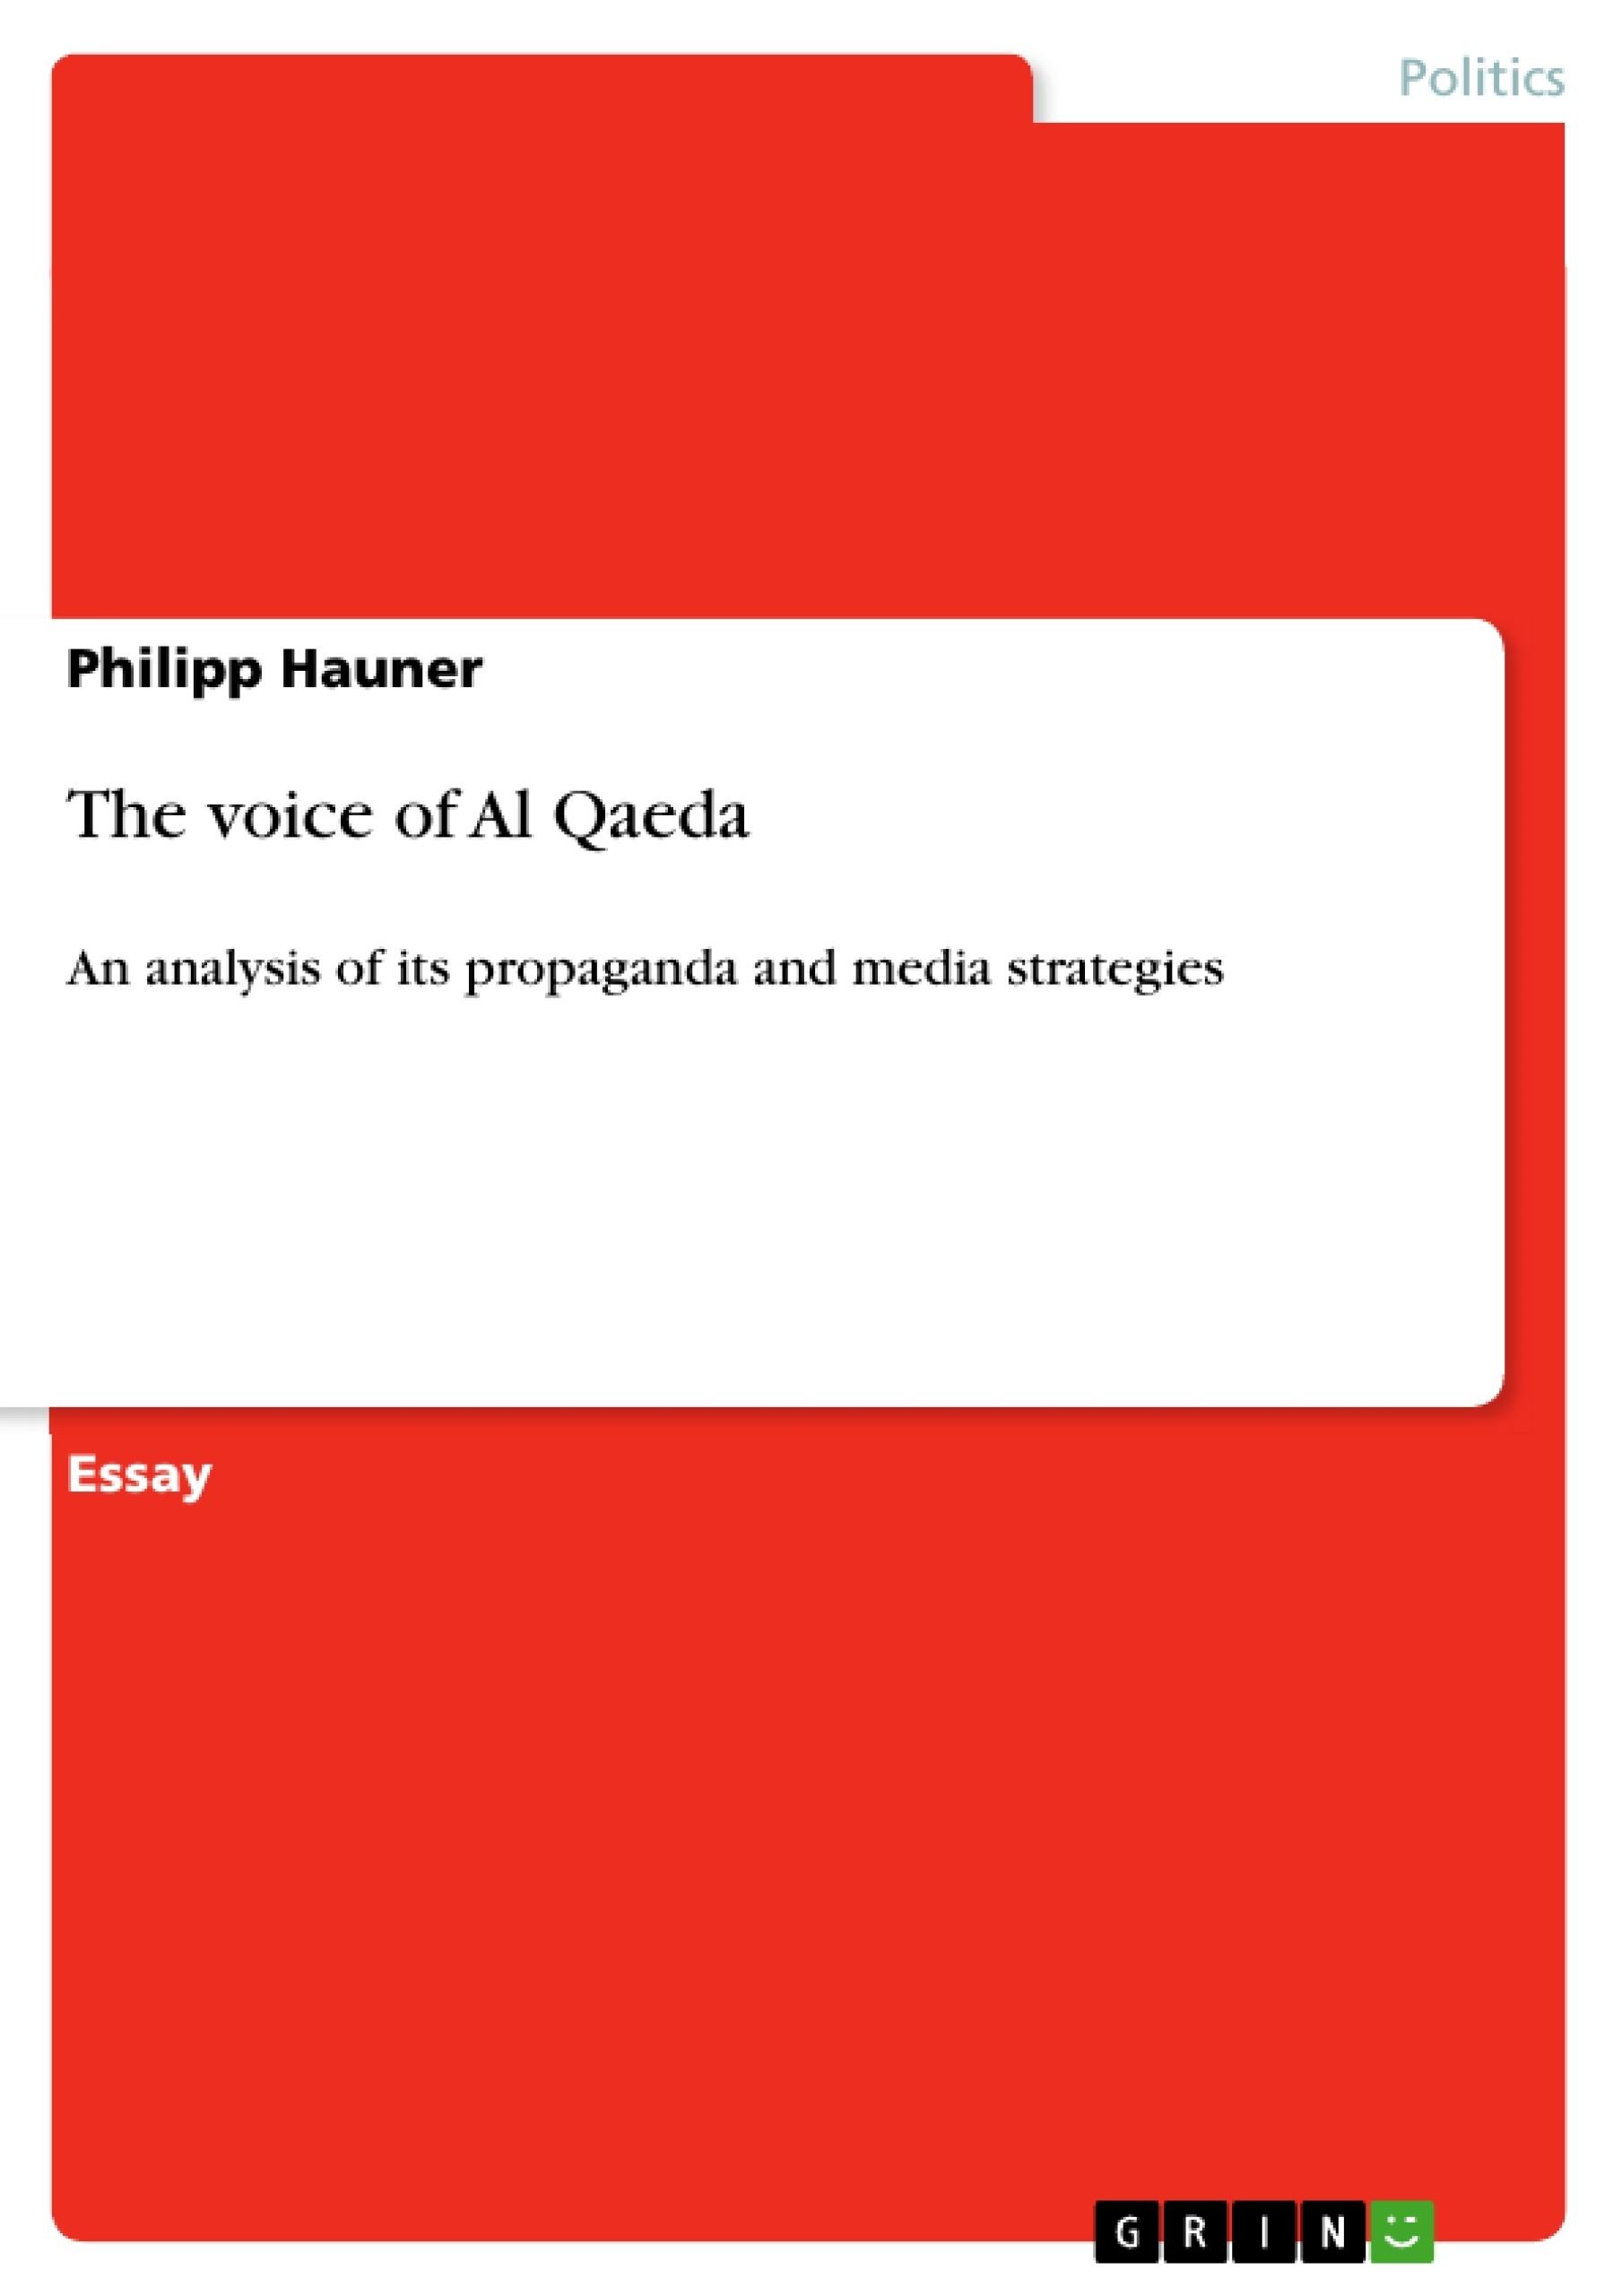 Title: The voice of Al Qaeda